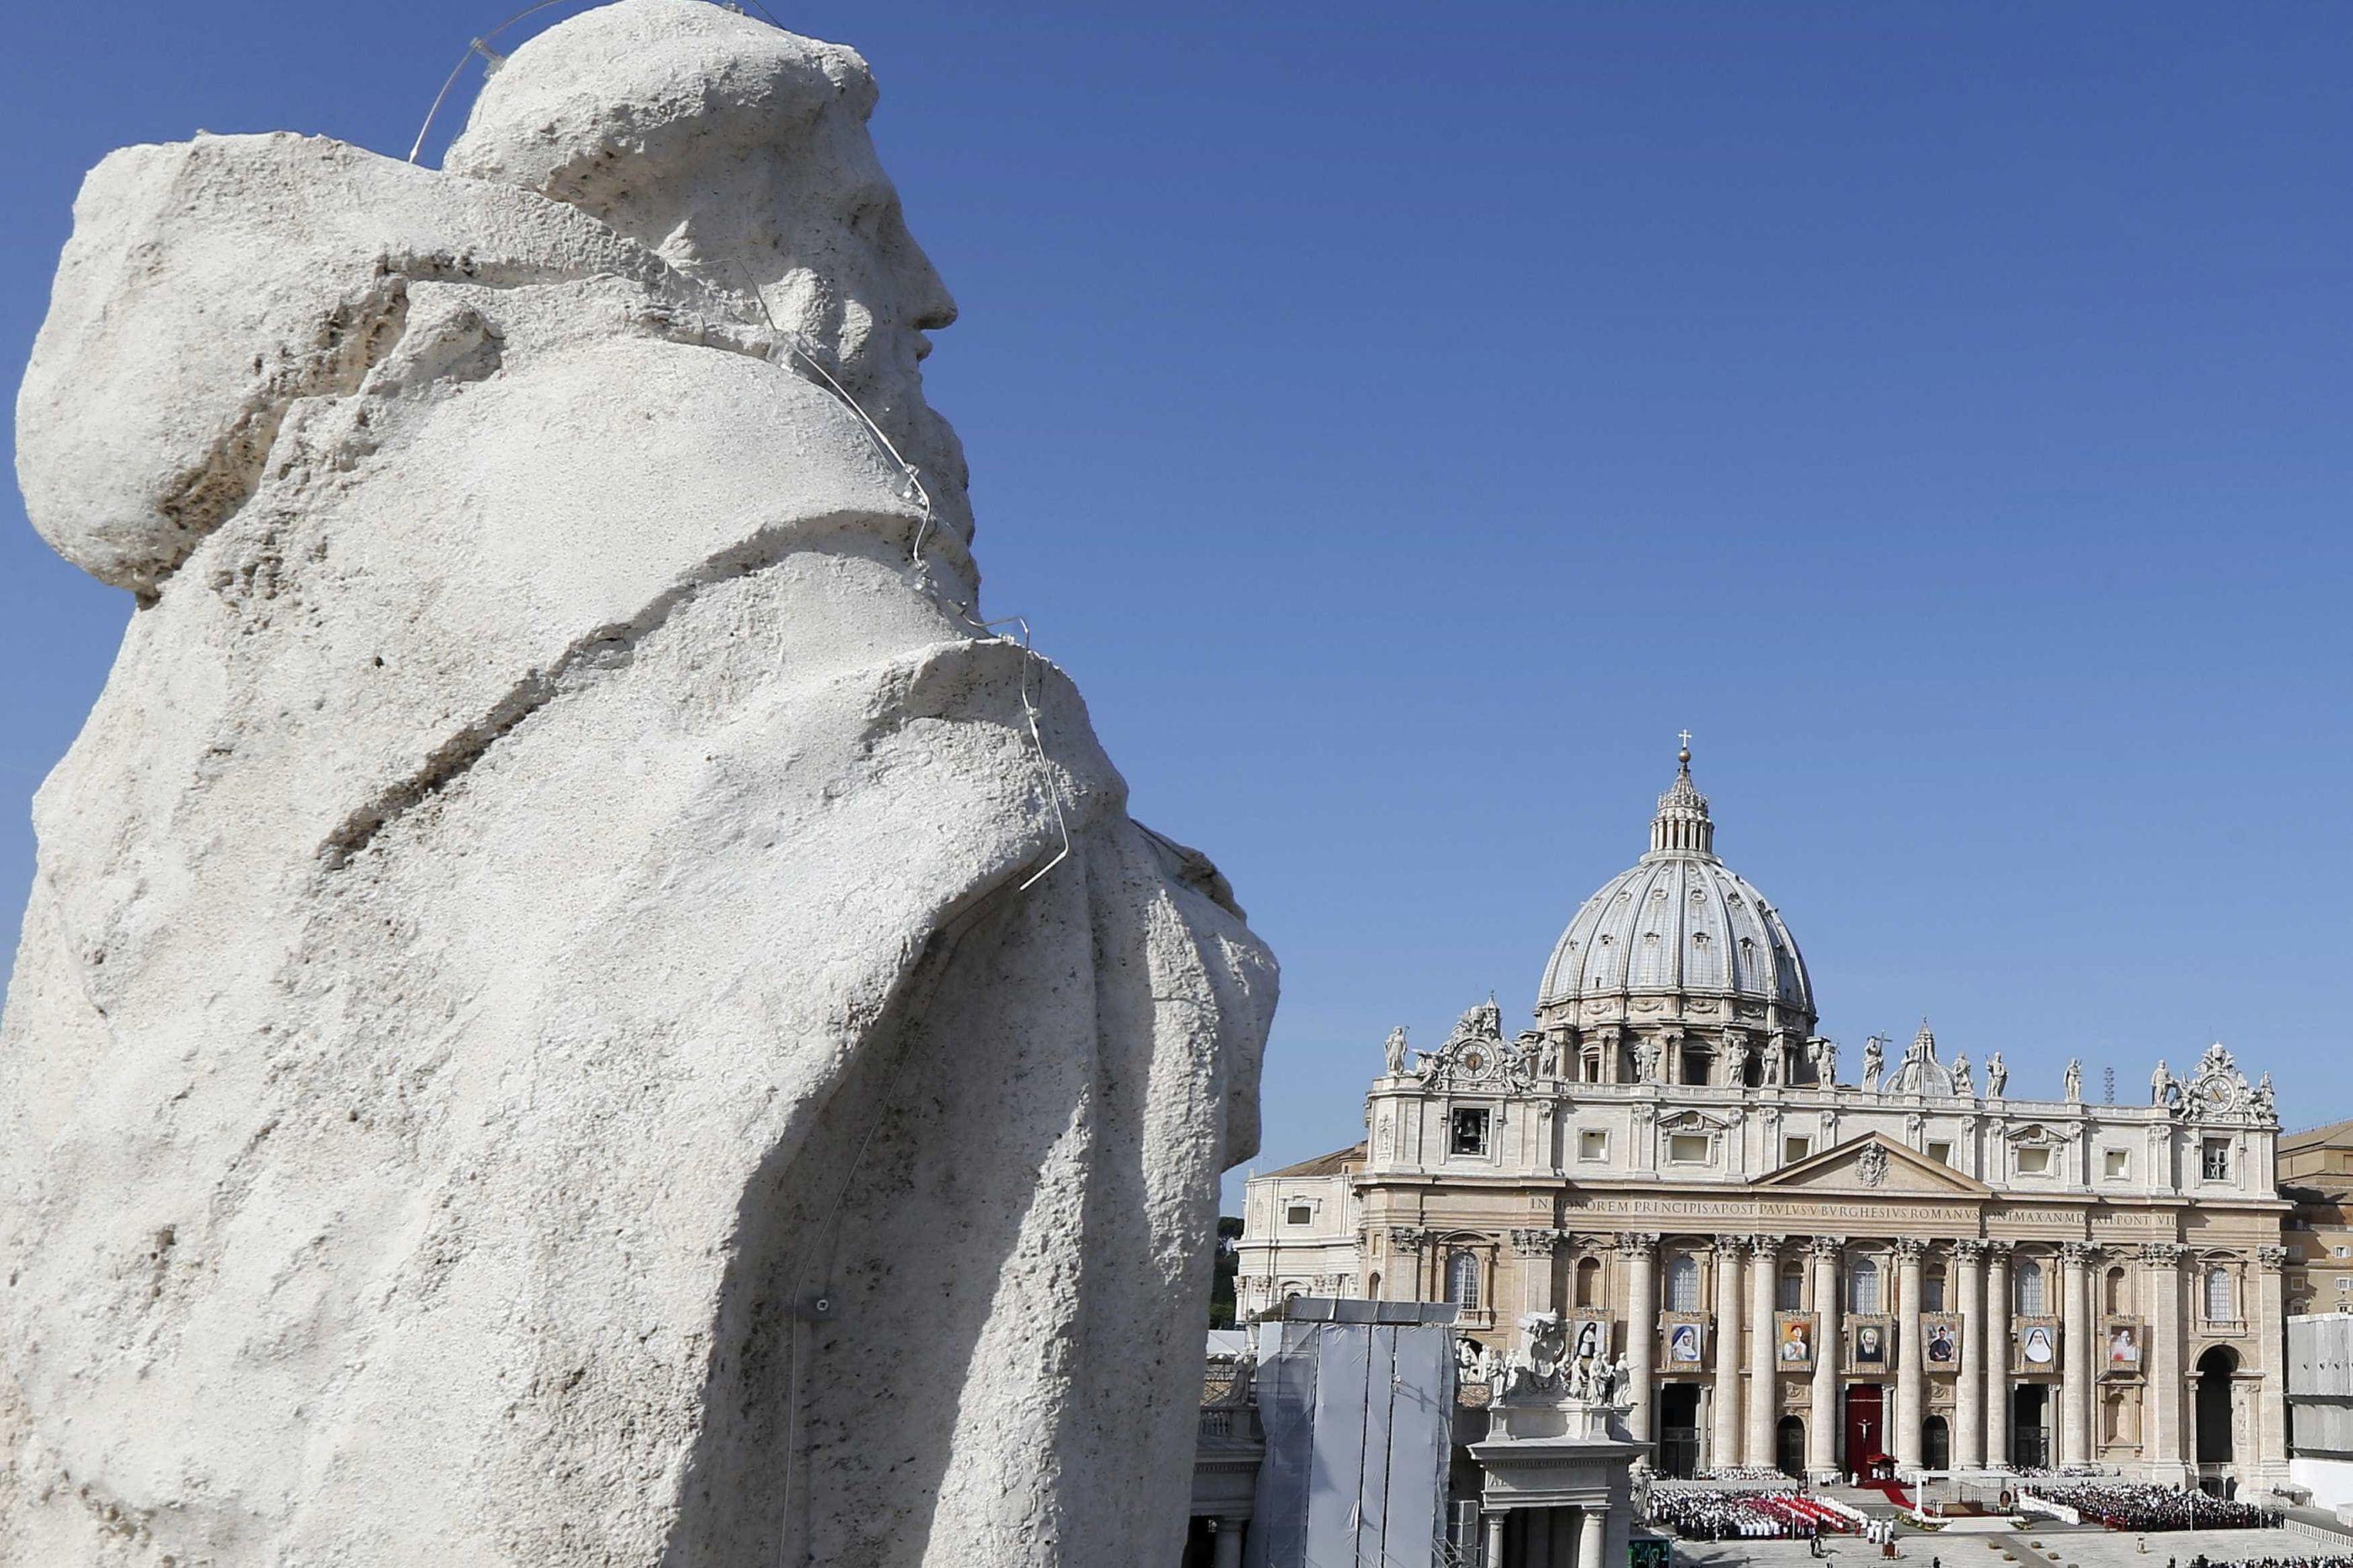 Fundadora e editoras de revista feminima do Vaticano abandonam cargos